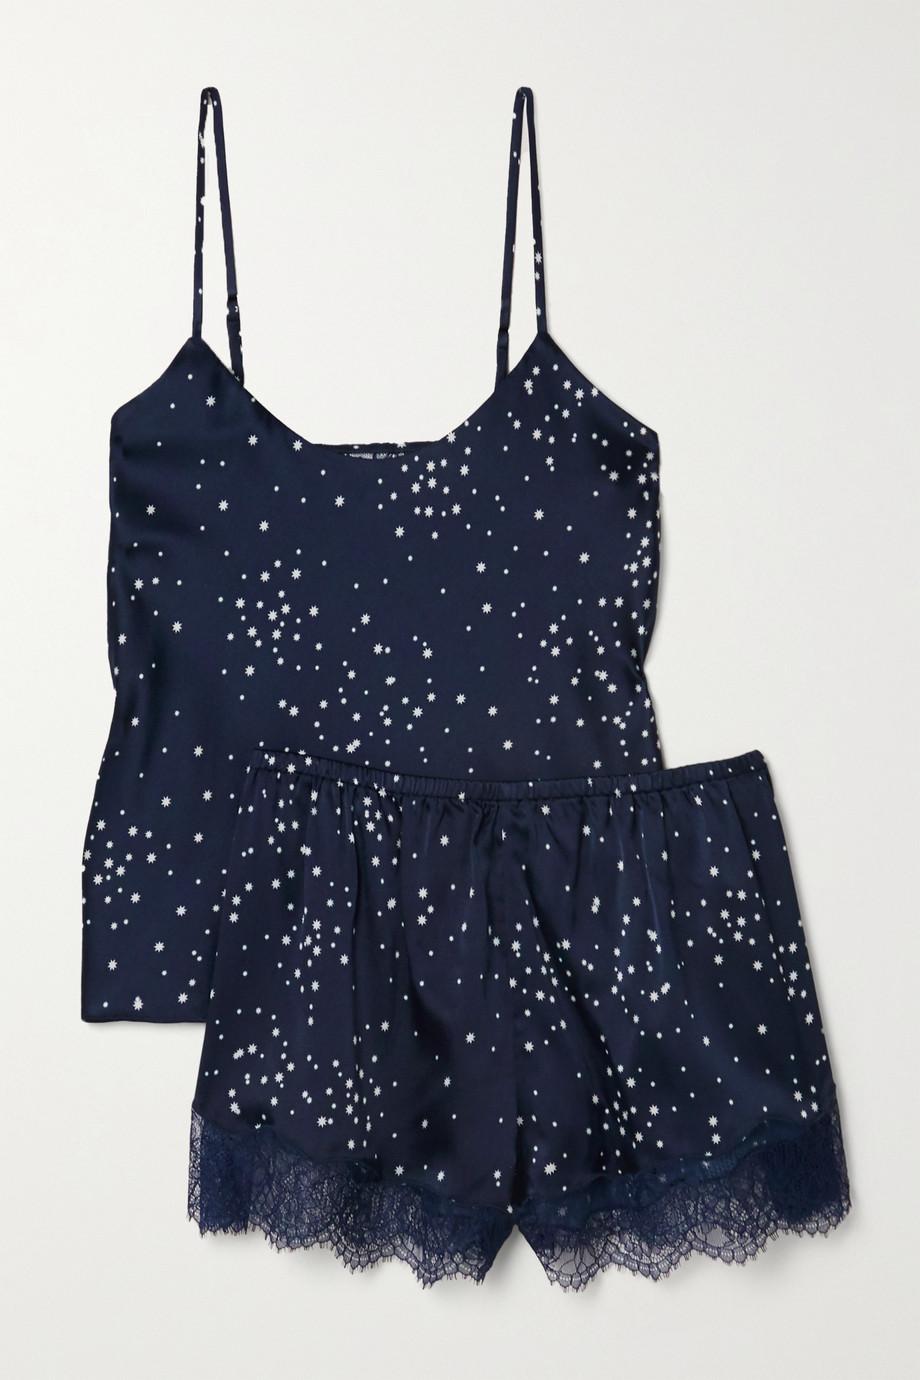 Cami NYC Pyjama en charmeuse de soie stretch imprimée à finitions en dentelle Perry